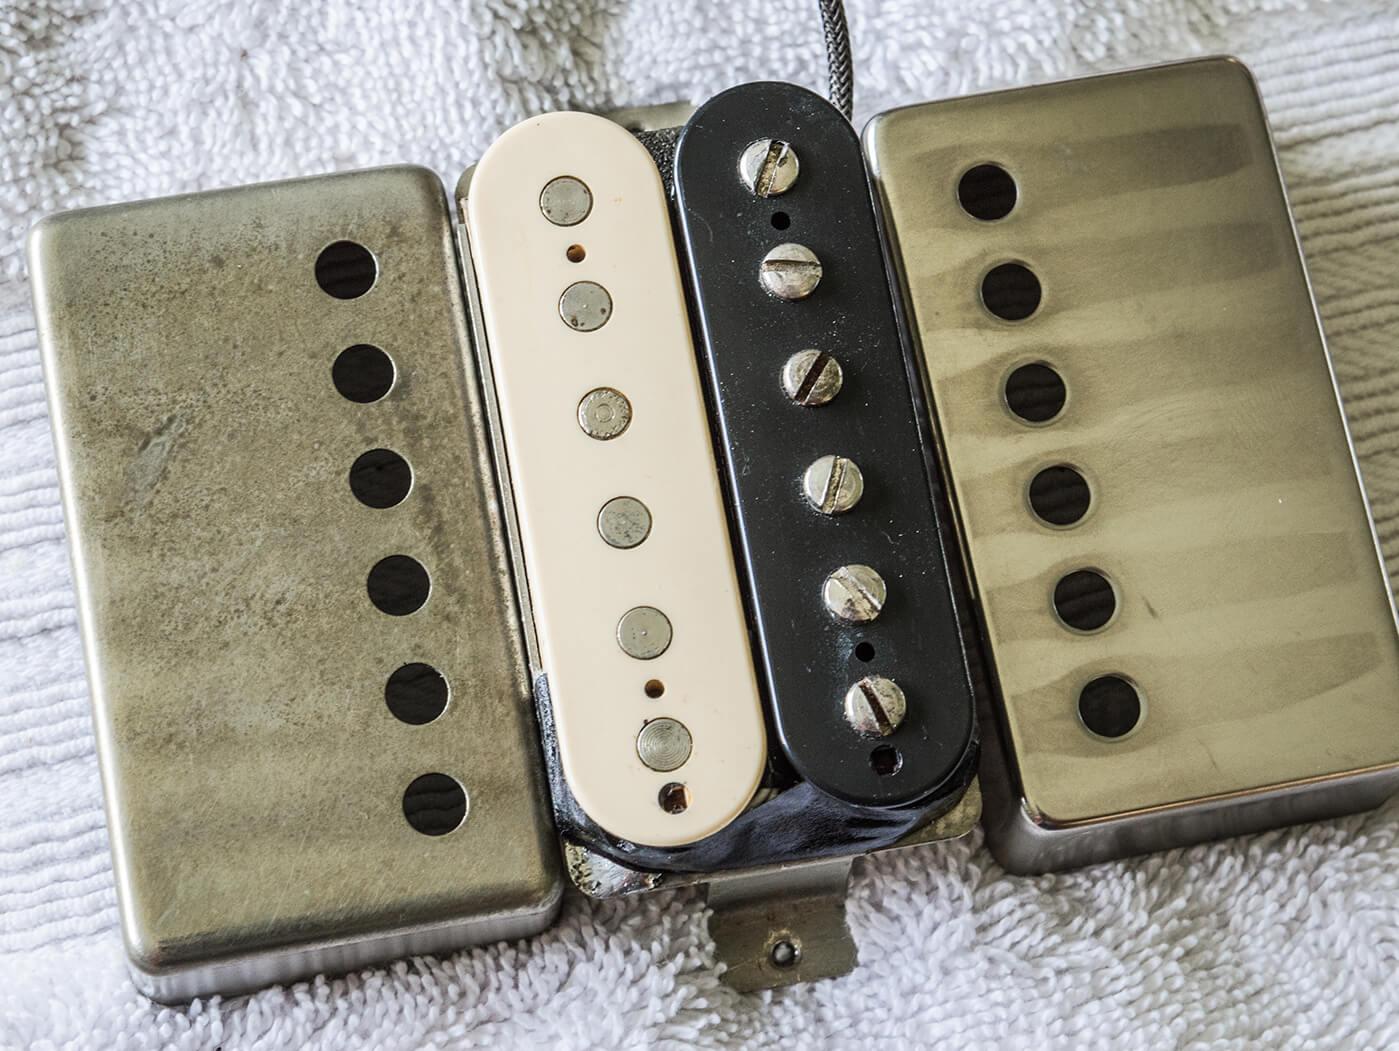 monty's paf vintage pickups